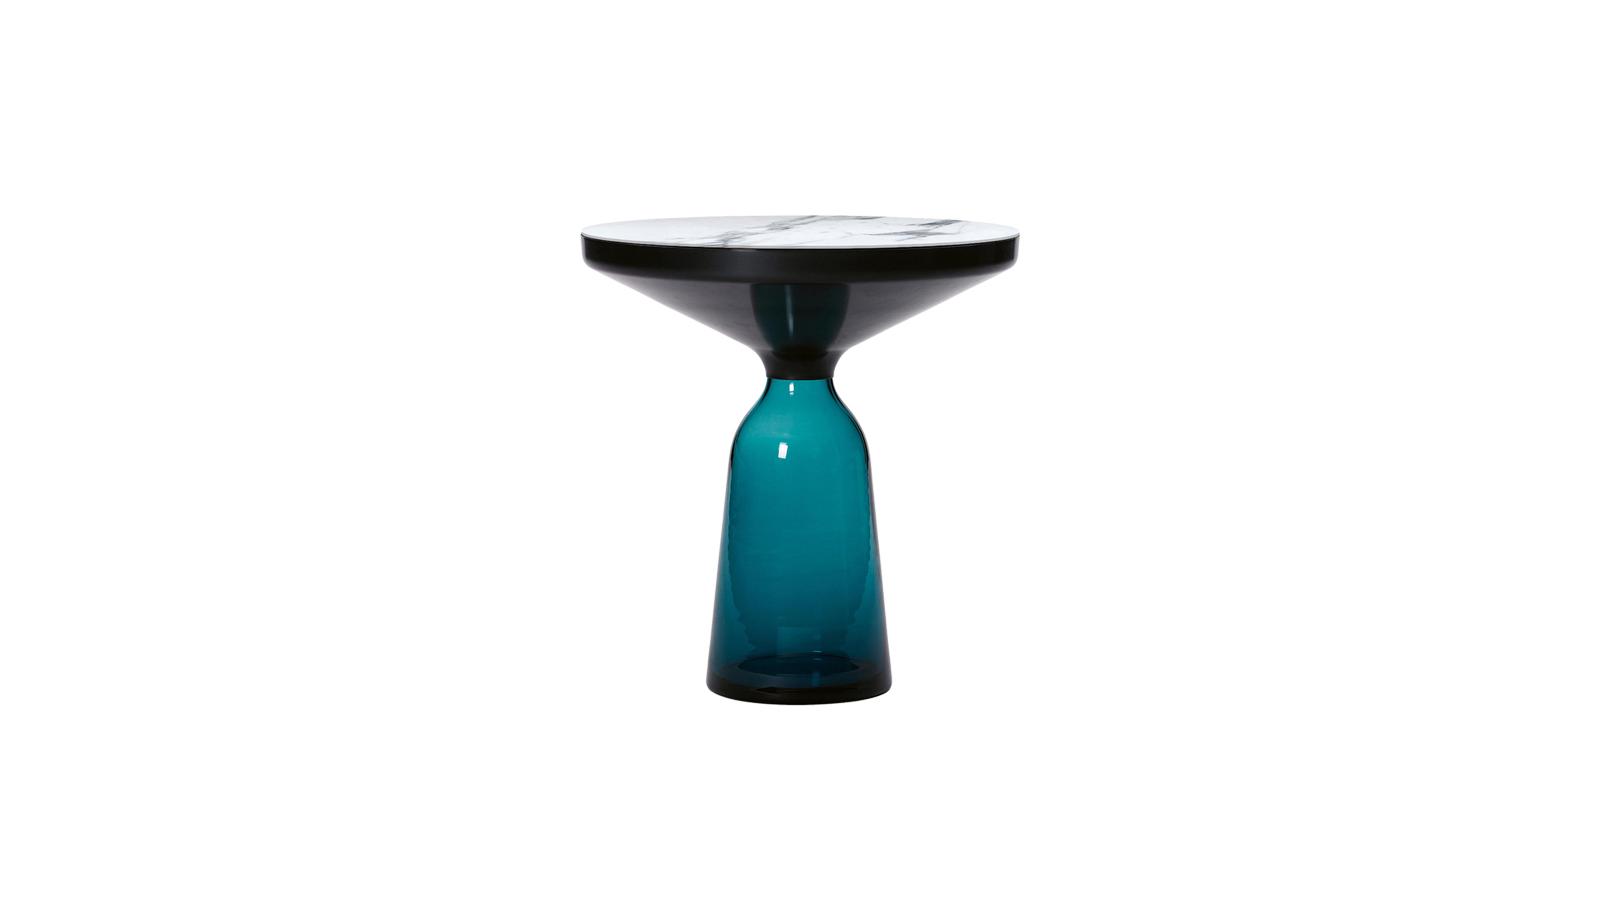 Sebastian Herkner Bell asztala feje tetejére állítja az anyaghasználat hagyományait. A törékenységet, könnyedséget előhívó üveg a Bell esetében tartóelemként funkcionál egy hagyományosan nehezebb anyag, a fém alapjaként. Paradox módon kifordítottsága harmóniát és stabilitást sugároz. A Bell az anyagok és a színek szépségét ünnepli, szobrászati műként lebeg a térben - egy sajátos kézműves darab a kiválóság jegyében.